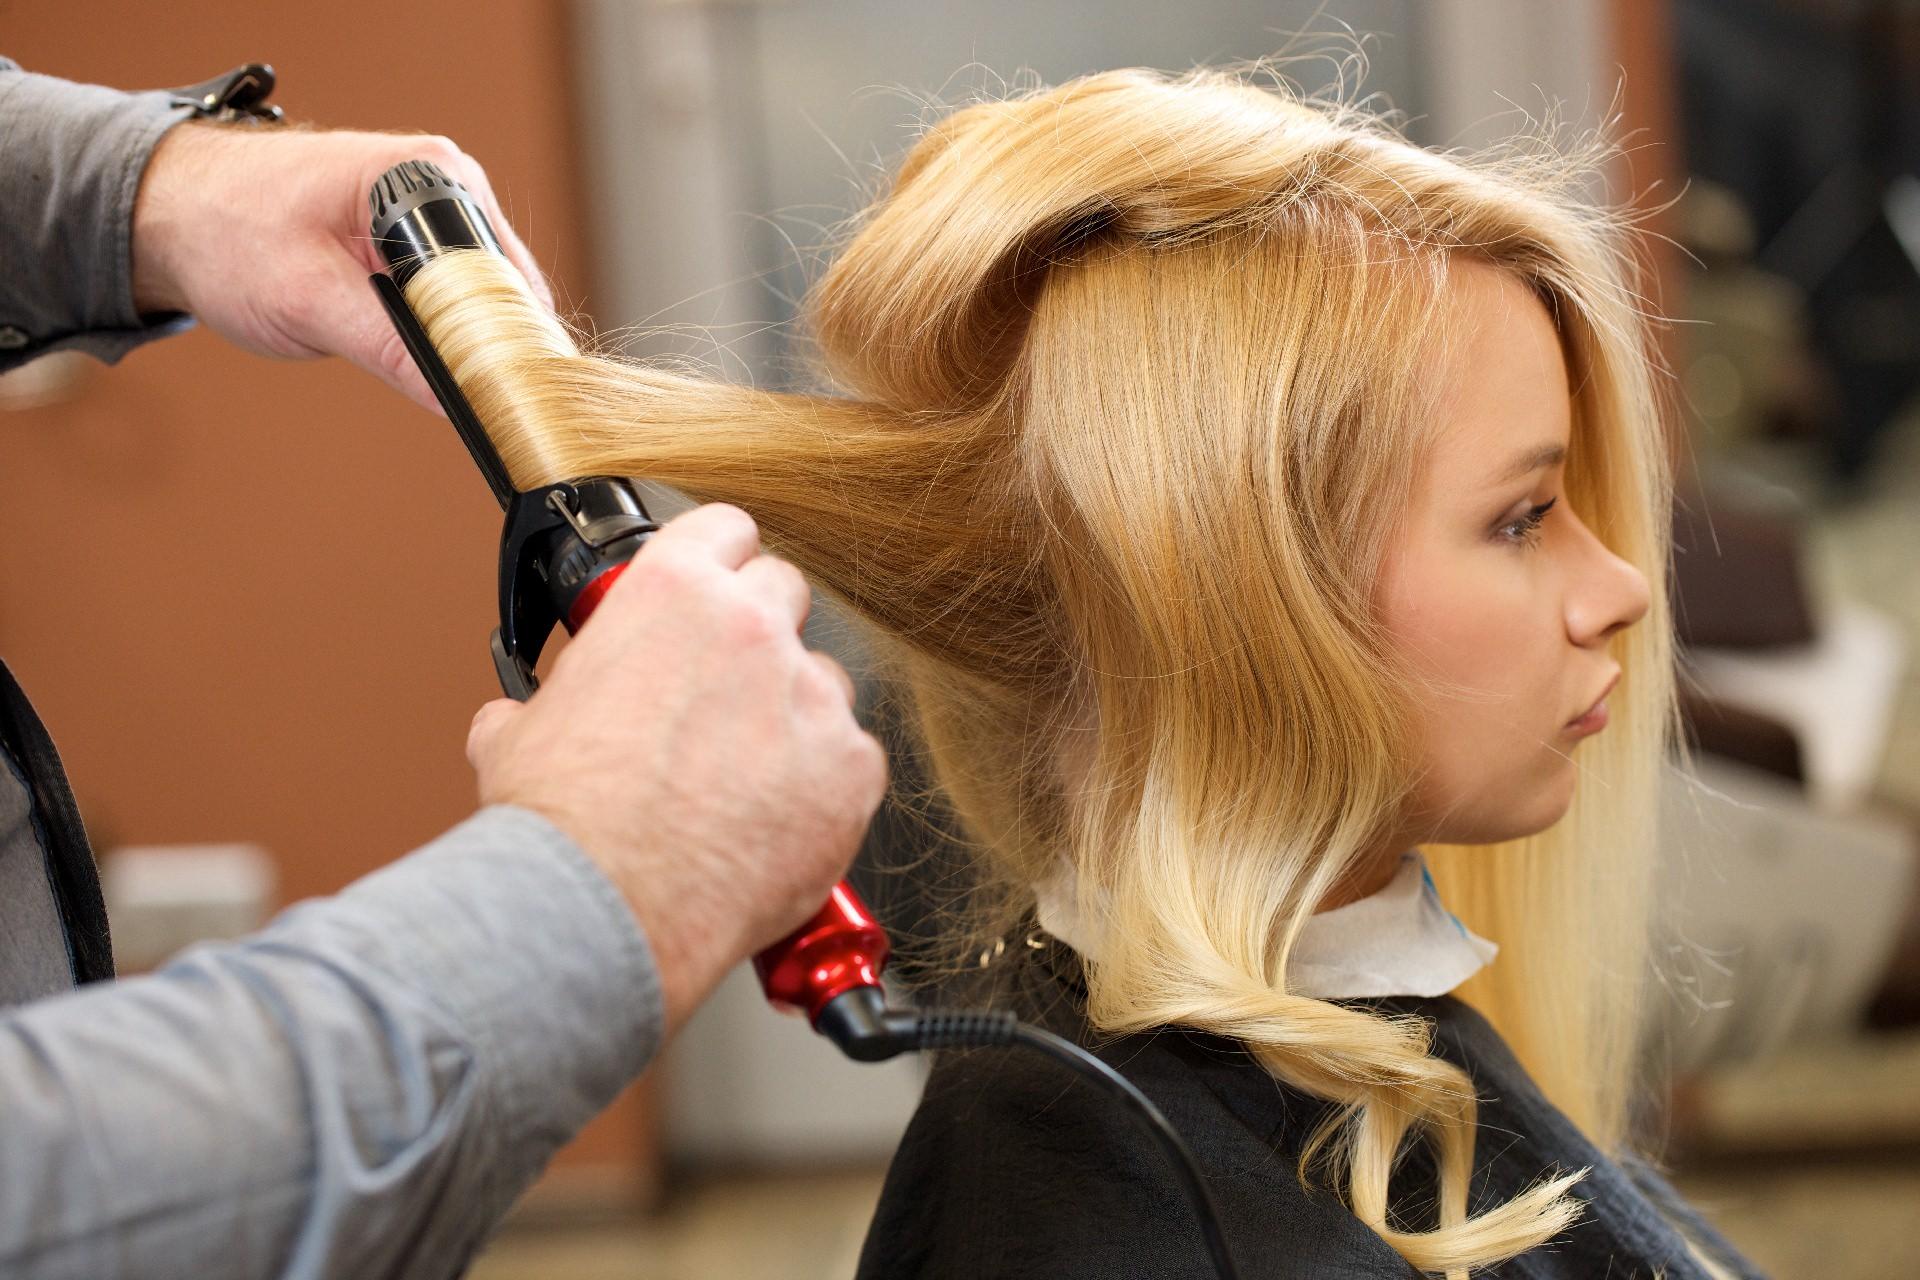 アイロンを使うと髪が固くなるのはなぜ?